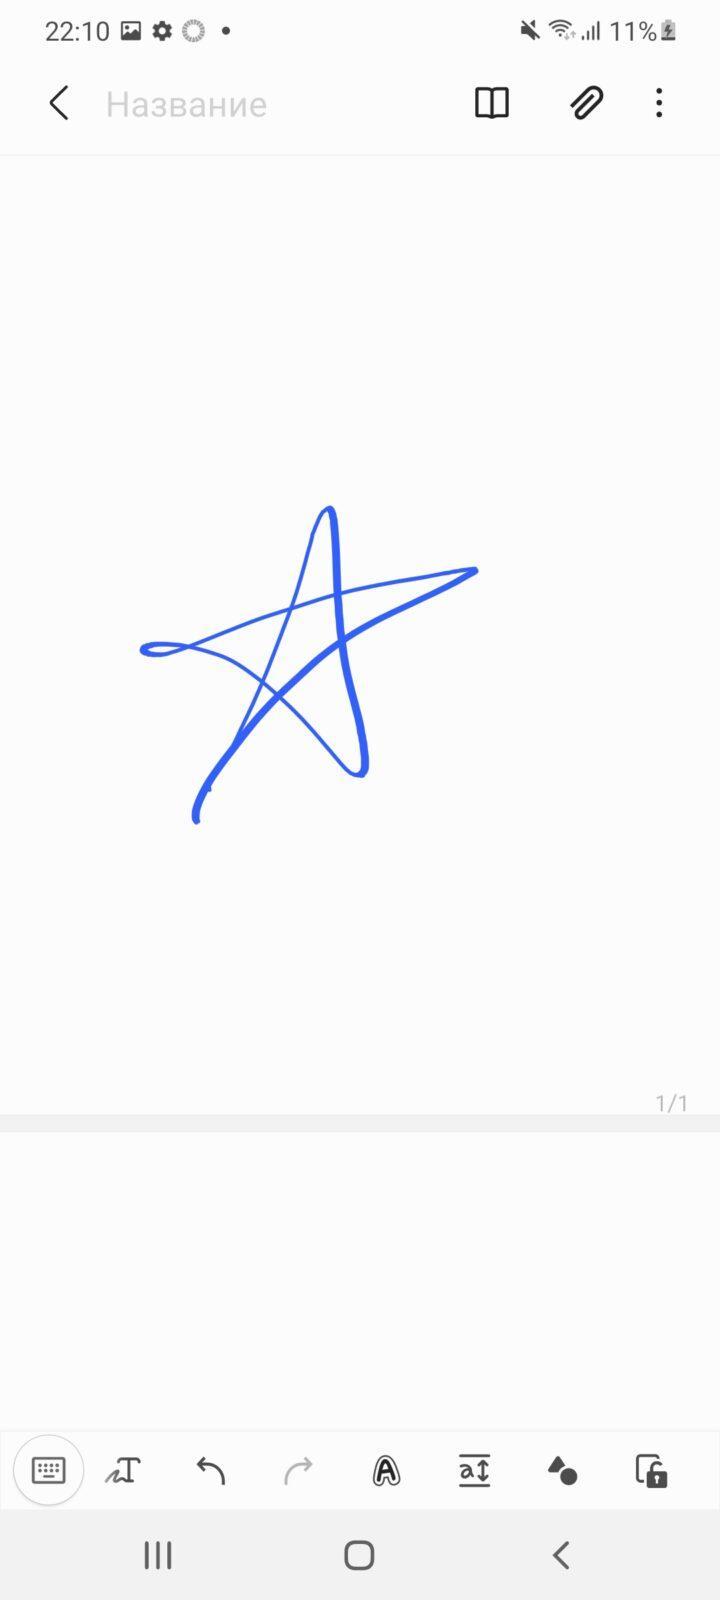 Обзор Samsung Galaxy S21 Ultra: лучший из лучших (screenshot 20210224 221012 samsung notes)